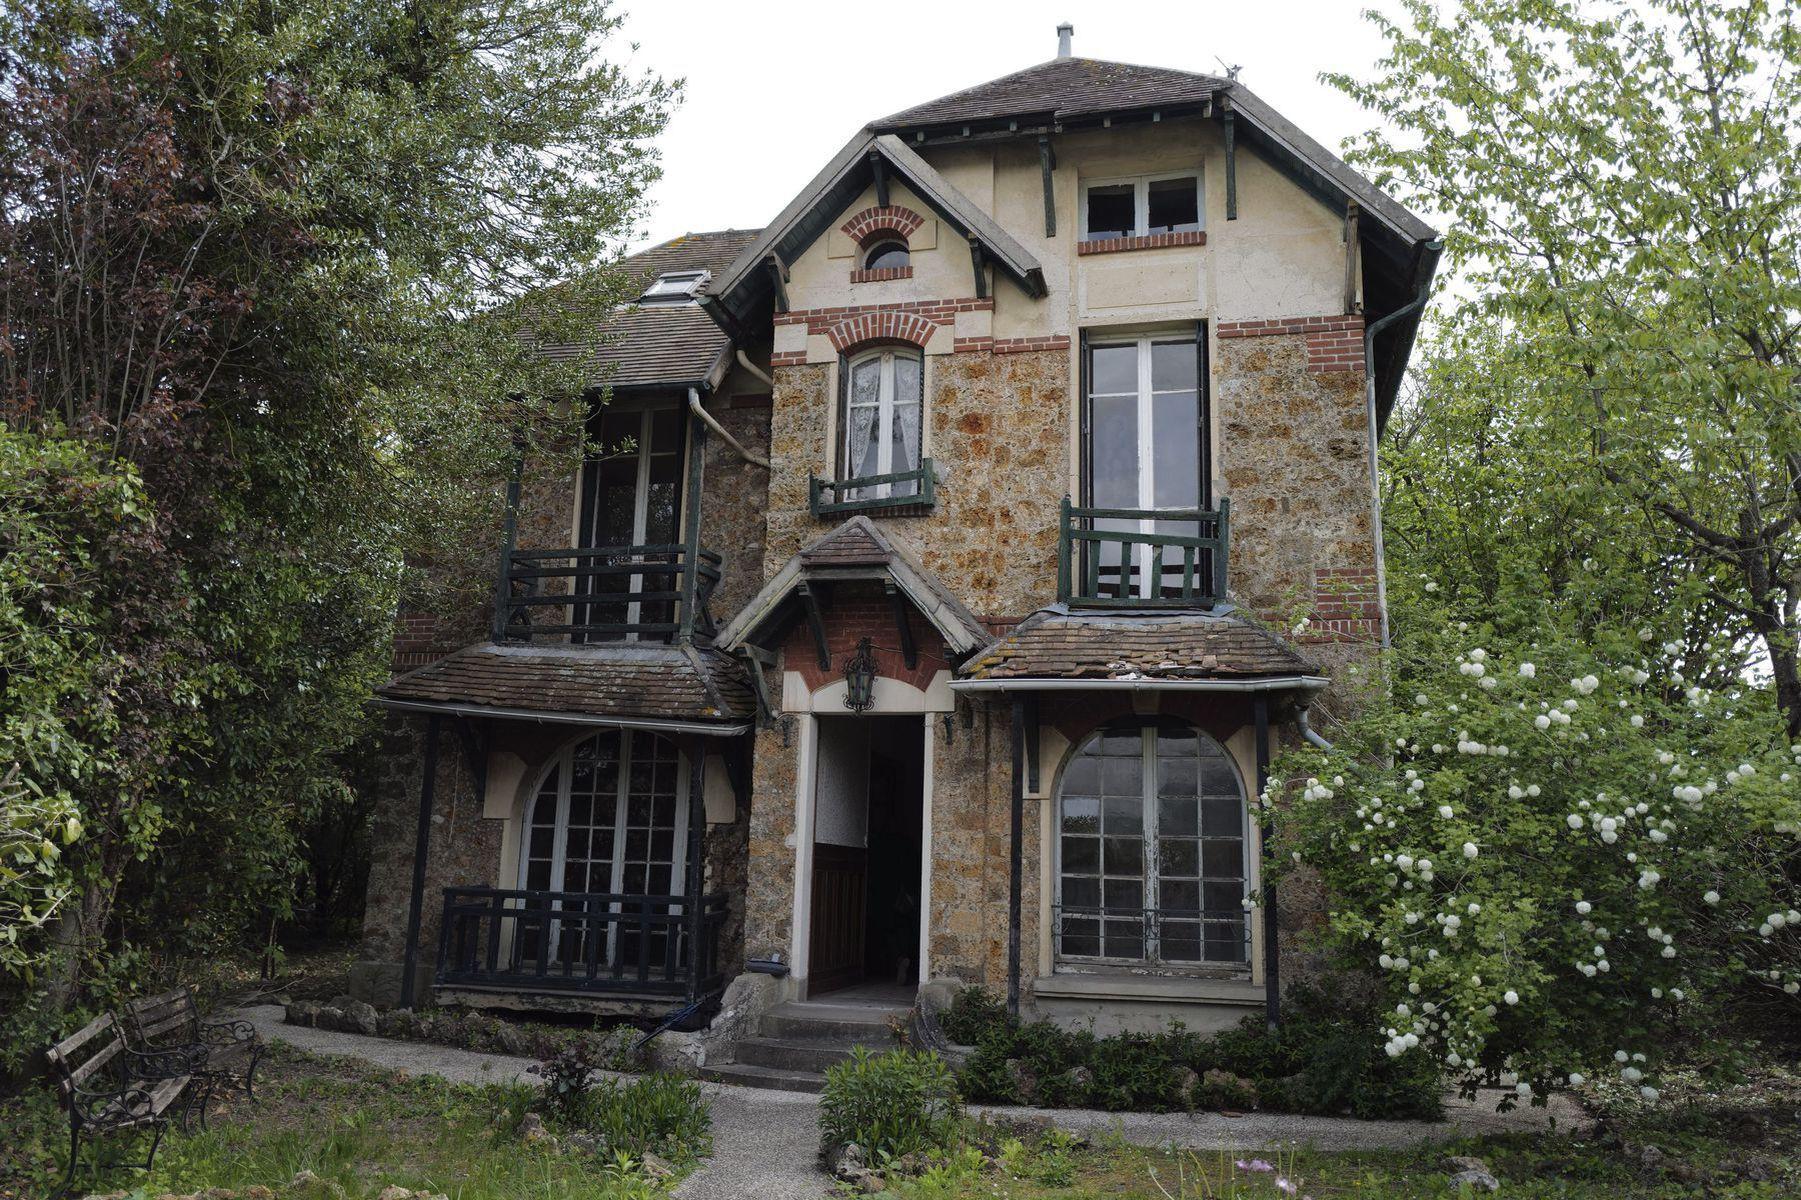 Dom Curieovcov, Poľsko, Marie Sklodowska-Curie